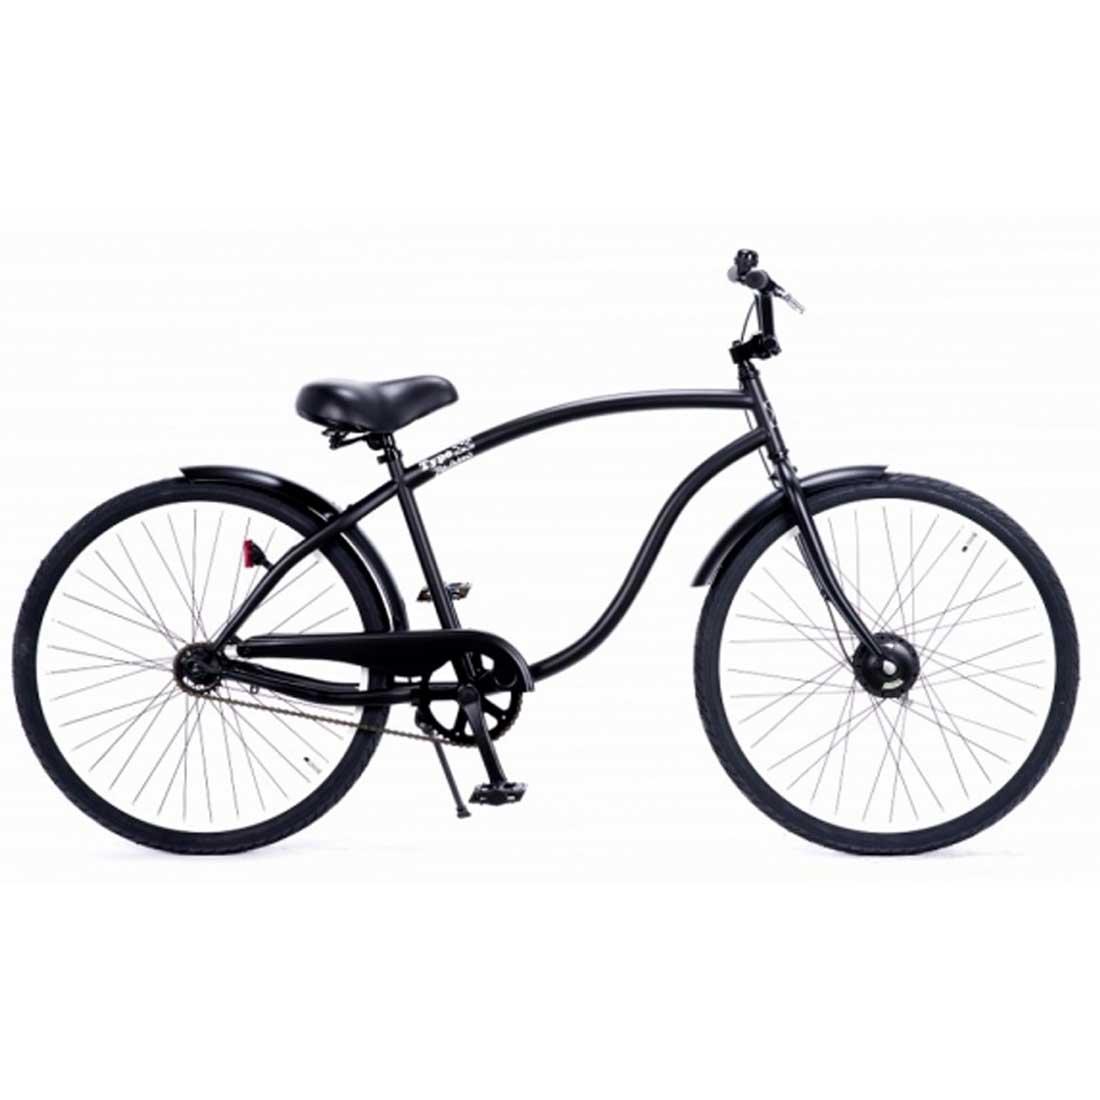 自転車は店舗 鵠沼海岸店 受取で送料無料 評価 超歓迎された 自転車 RAINBOW TYPE-X 26CRUISER EDGE MatteBlack×WhiteRim 通勤 メンズ レディース おしゃれ 通学 26インチ BMXハンドル ビーチクルーザー レインボー